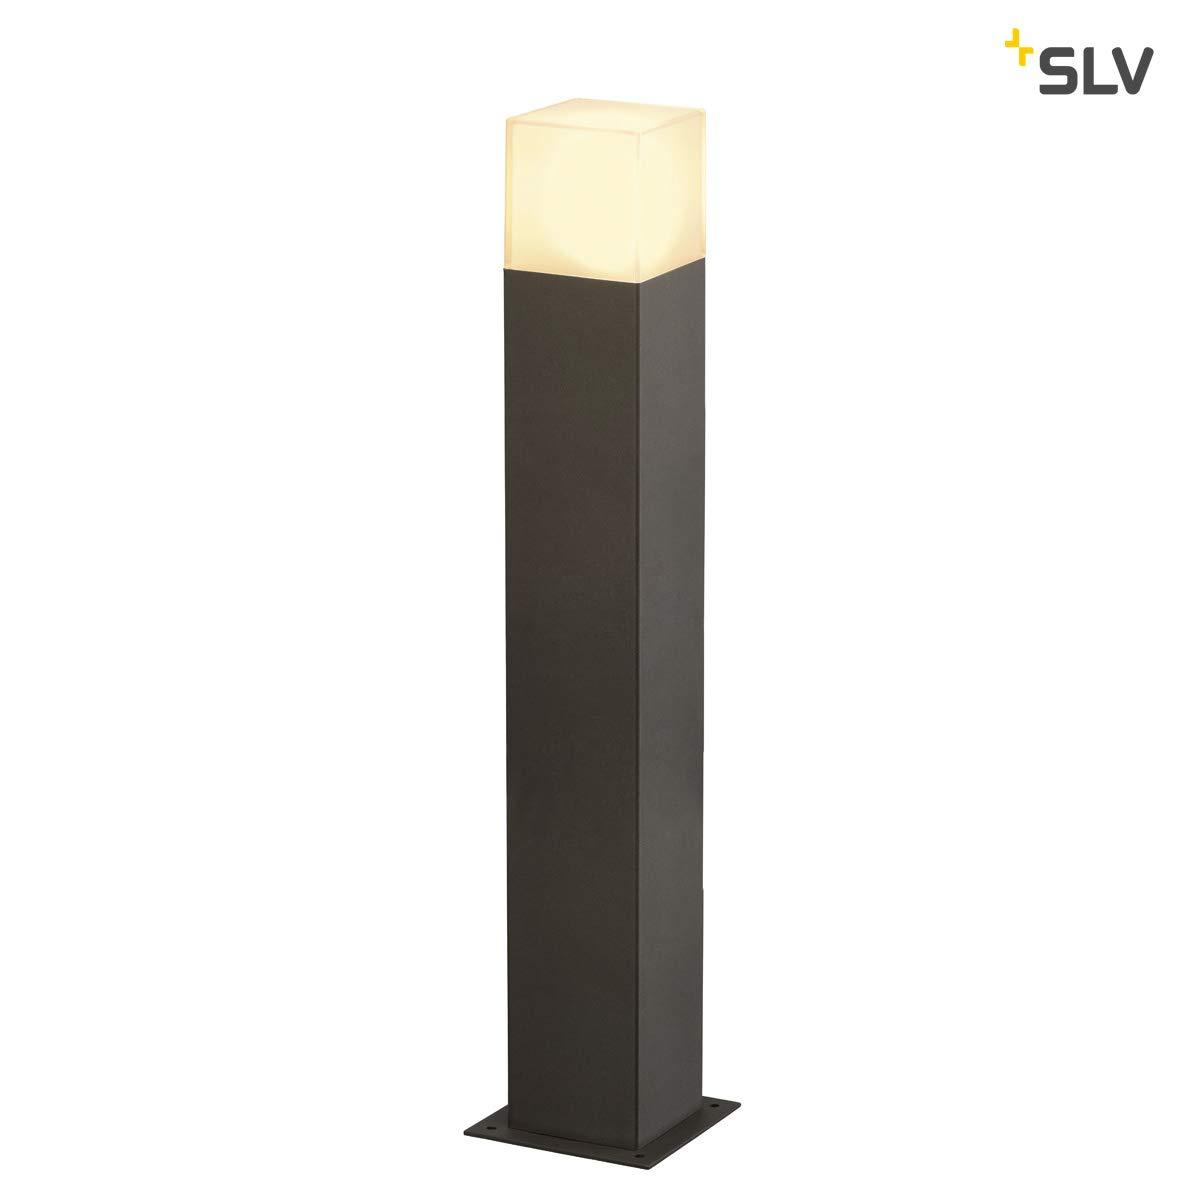 SLV LED Pollerleuchte GRAFIT 60   Design Standleuchte zur individuellen Außen-Beleuchtung in Rauchglas-Optik   Outdoor Wege-Leuchte, Sockellampe, Garten-Beleuchtung, Garten-Lampe   E27, max 11W, A-A++